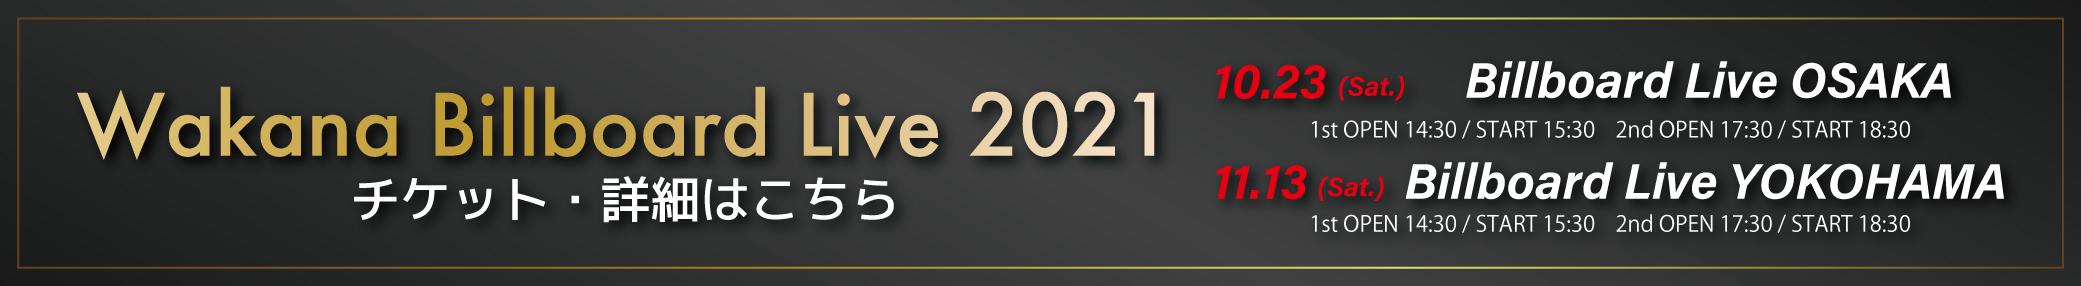 Wakana Billboard Live 2021